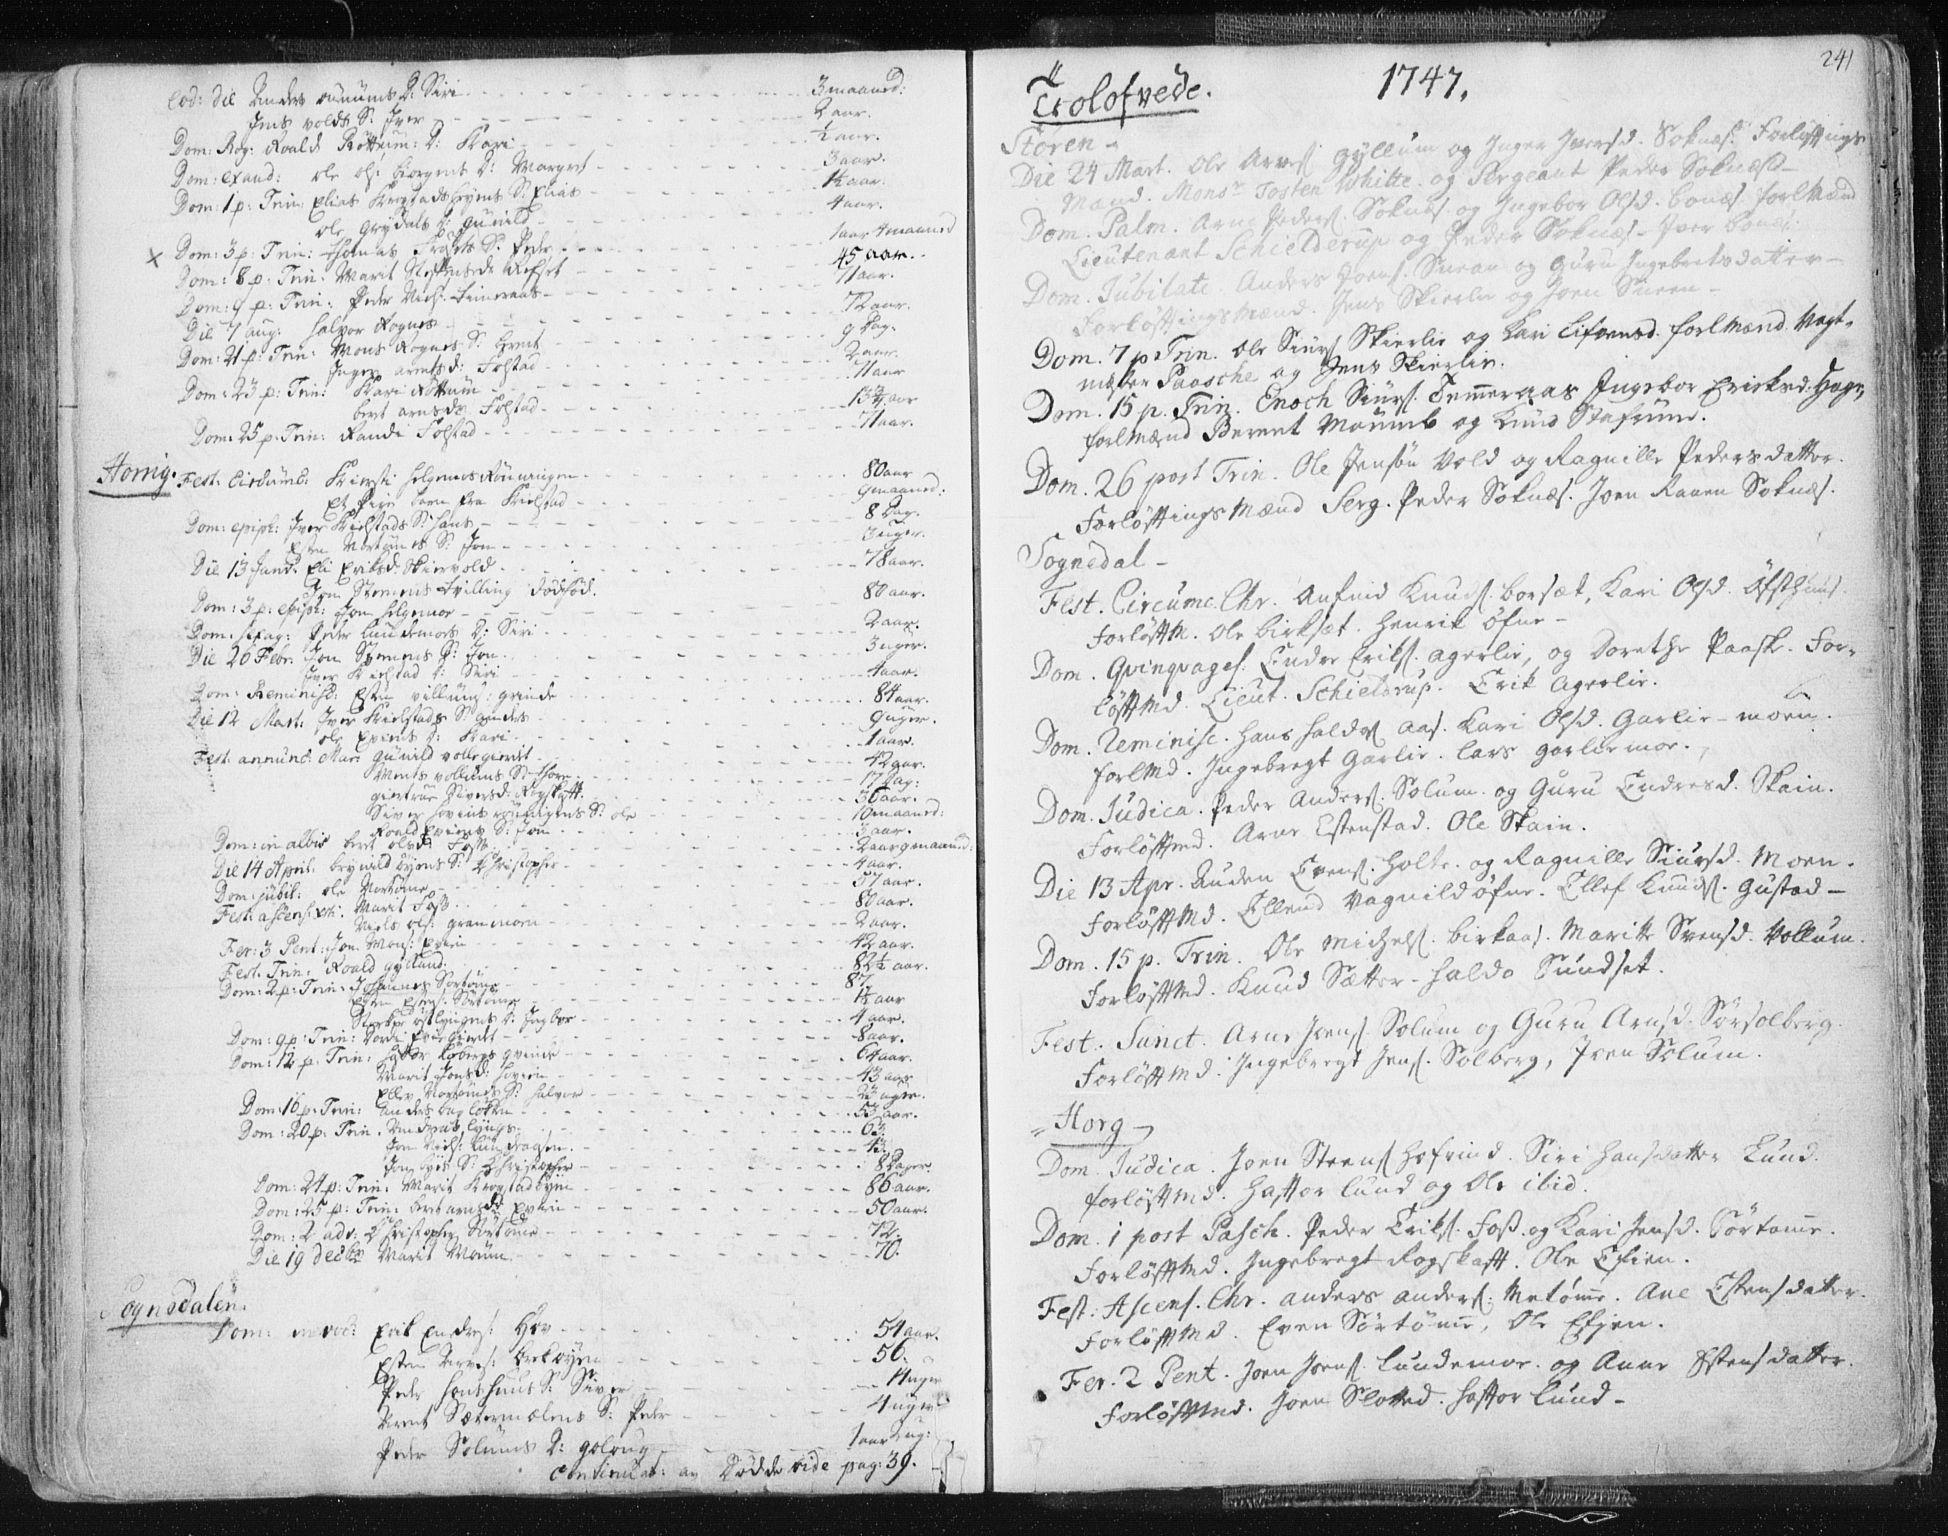 SAT, Ministerialprotokoller, klokkerbøker og fødselsregistre - Sør-Trøndelag, 687/L0991: Ministerialbok nr. 687A02, 1747-1790, s. 241